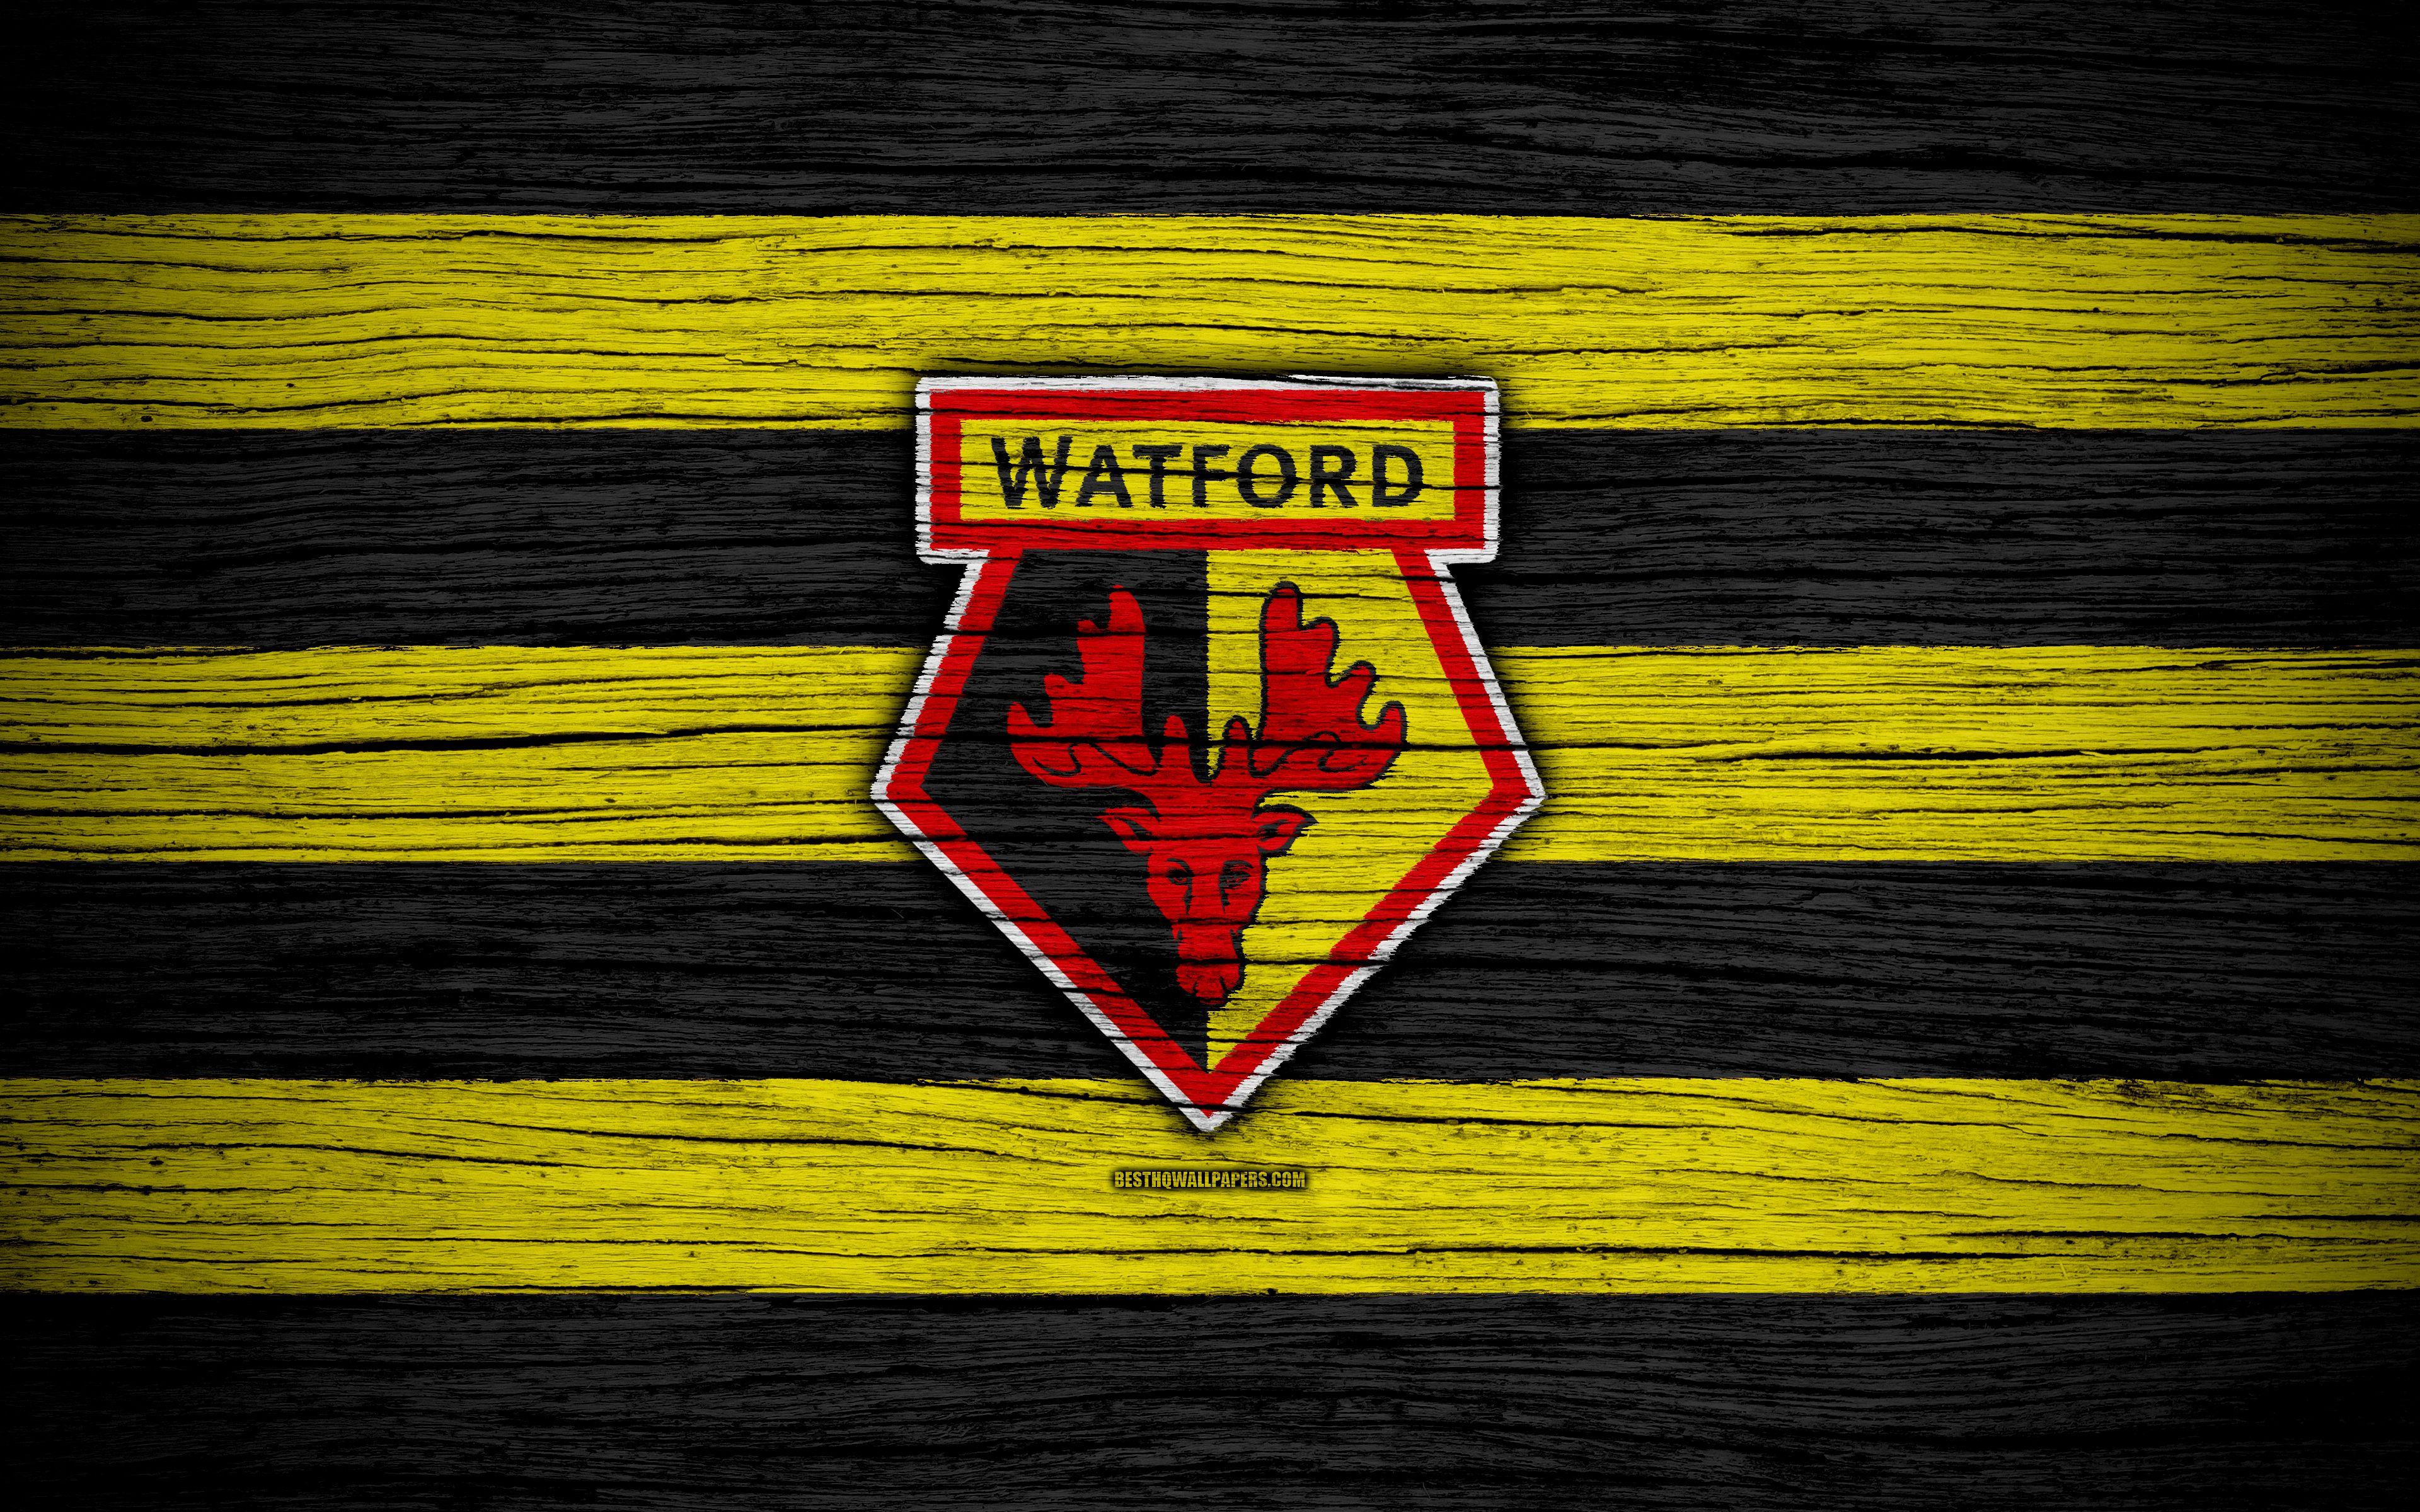 Next Watford